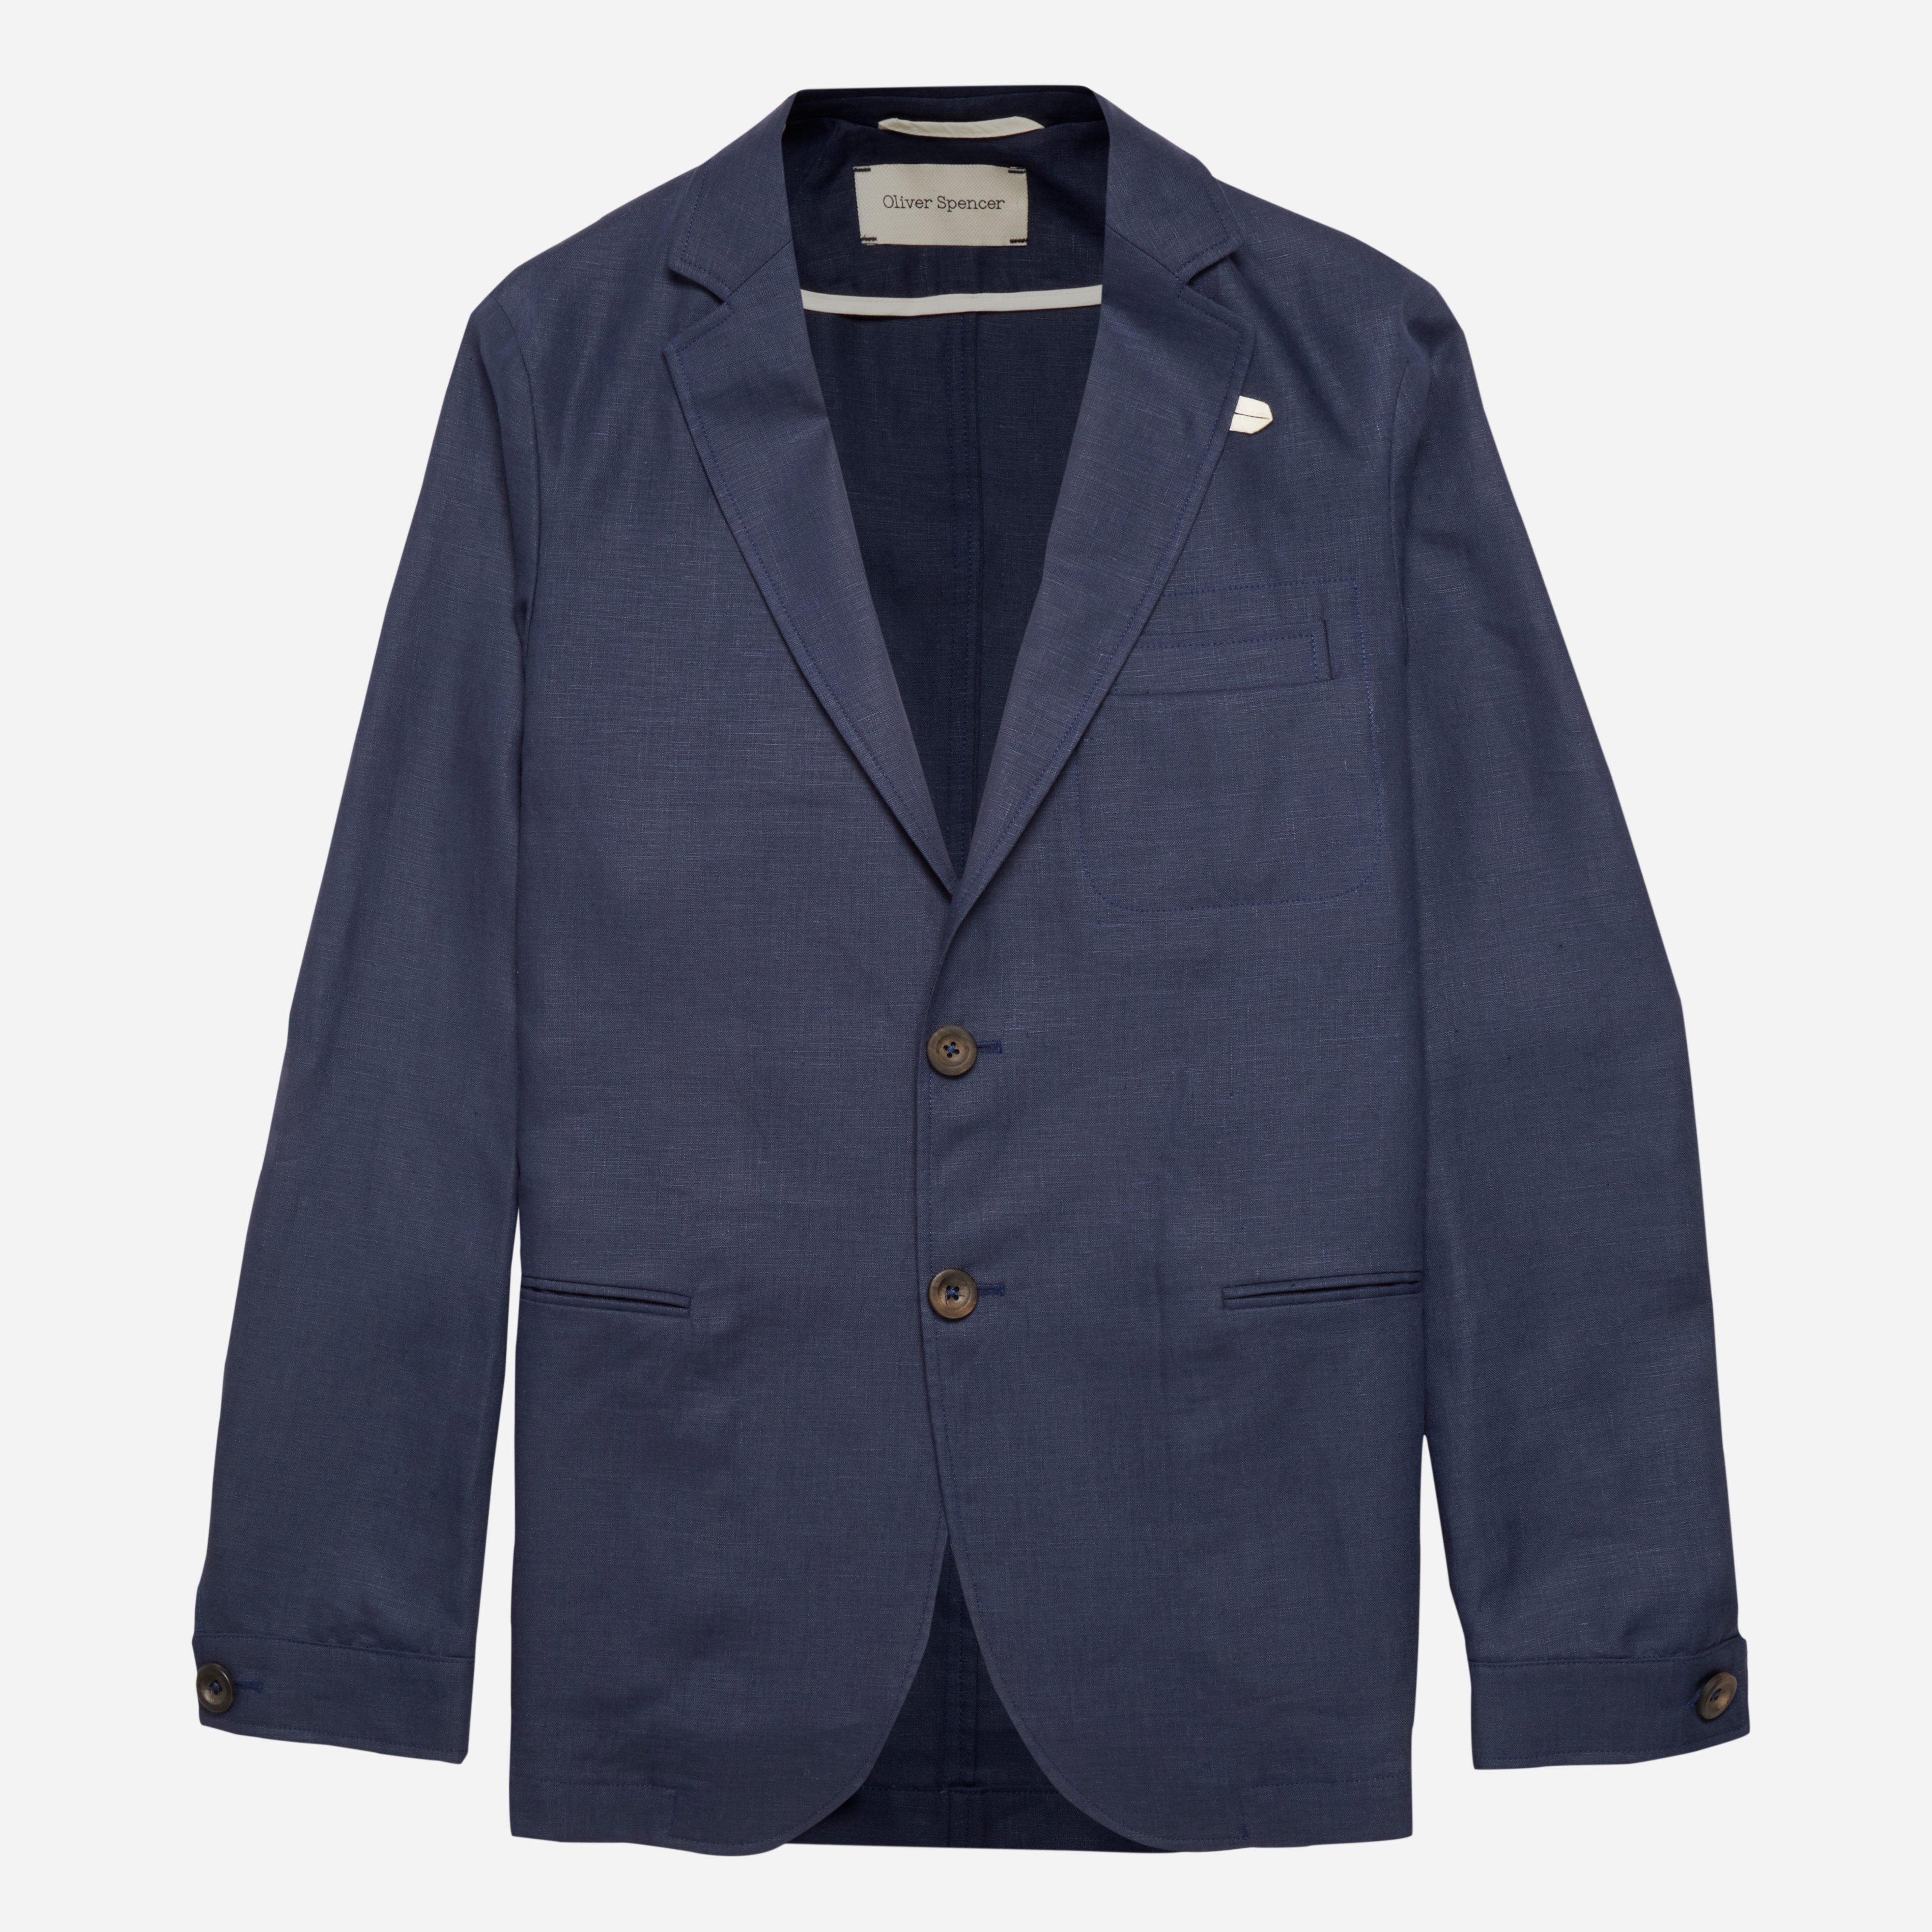 Oliver Spencer Theobald Jacket